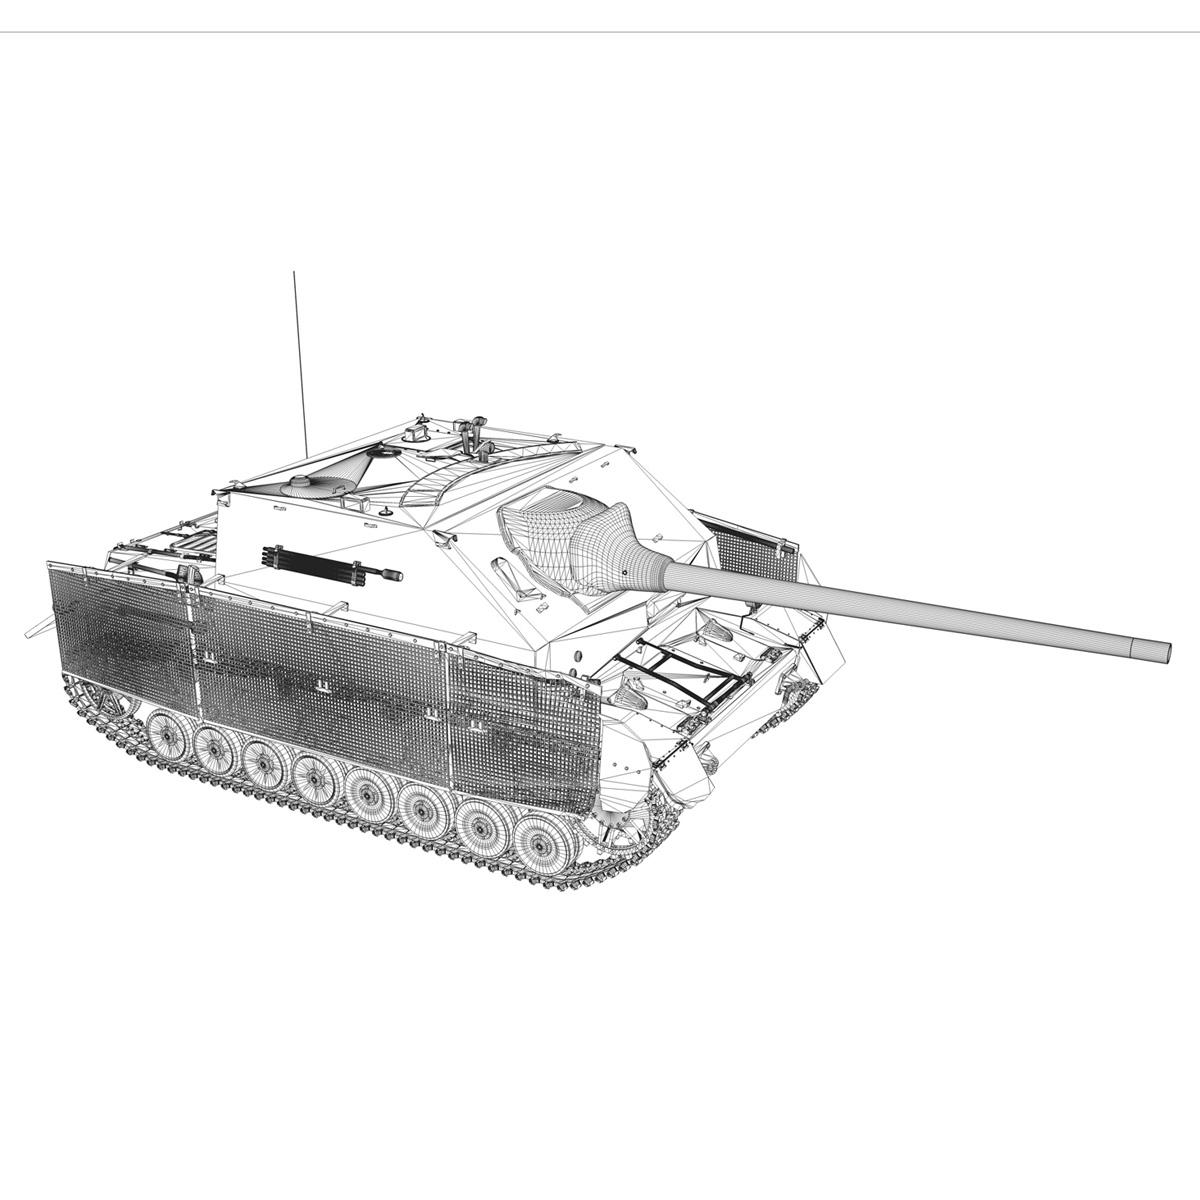 jagdpanzer iv l/70 (a) – 14 3d model 3ds fbx c4d lwo obj 282338